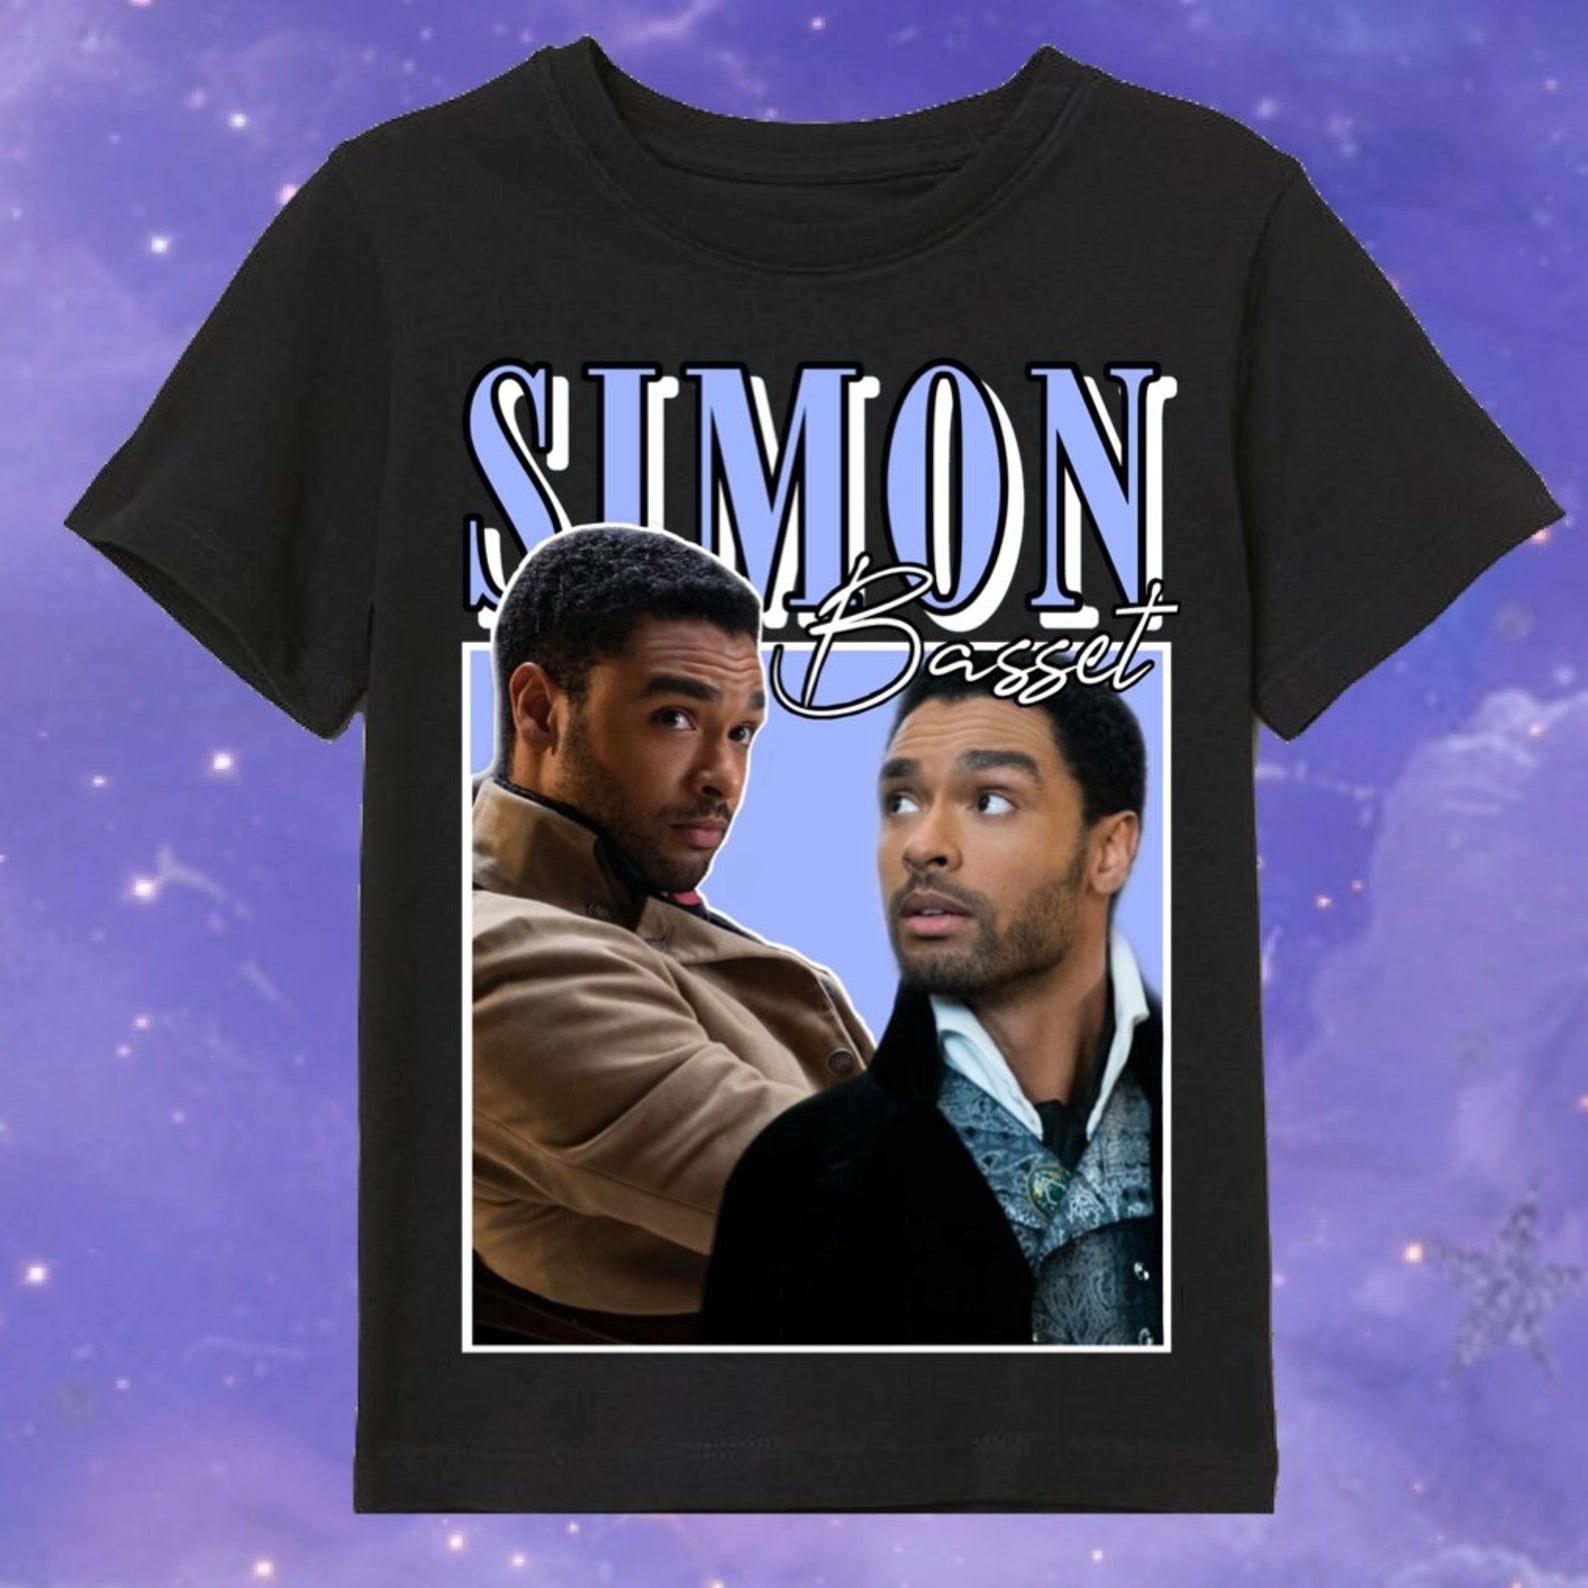 simon basset 90's inspired shirt